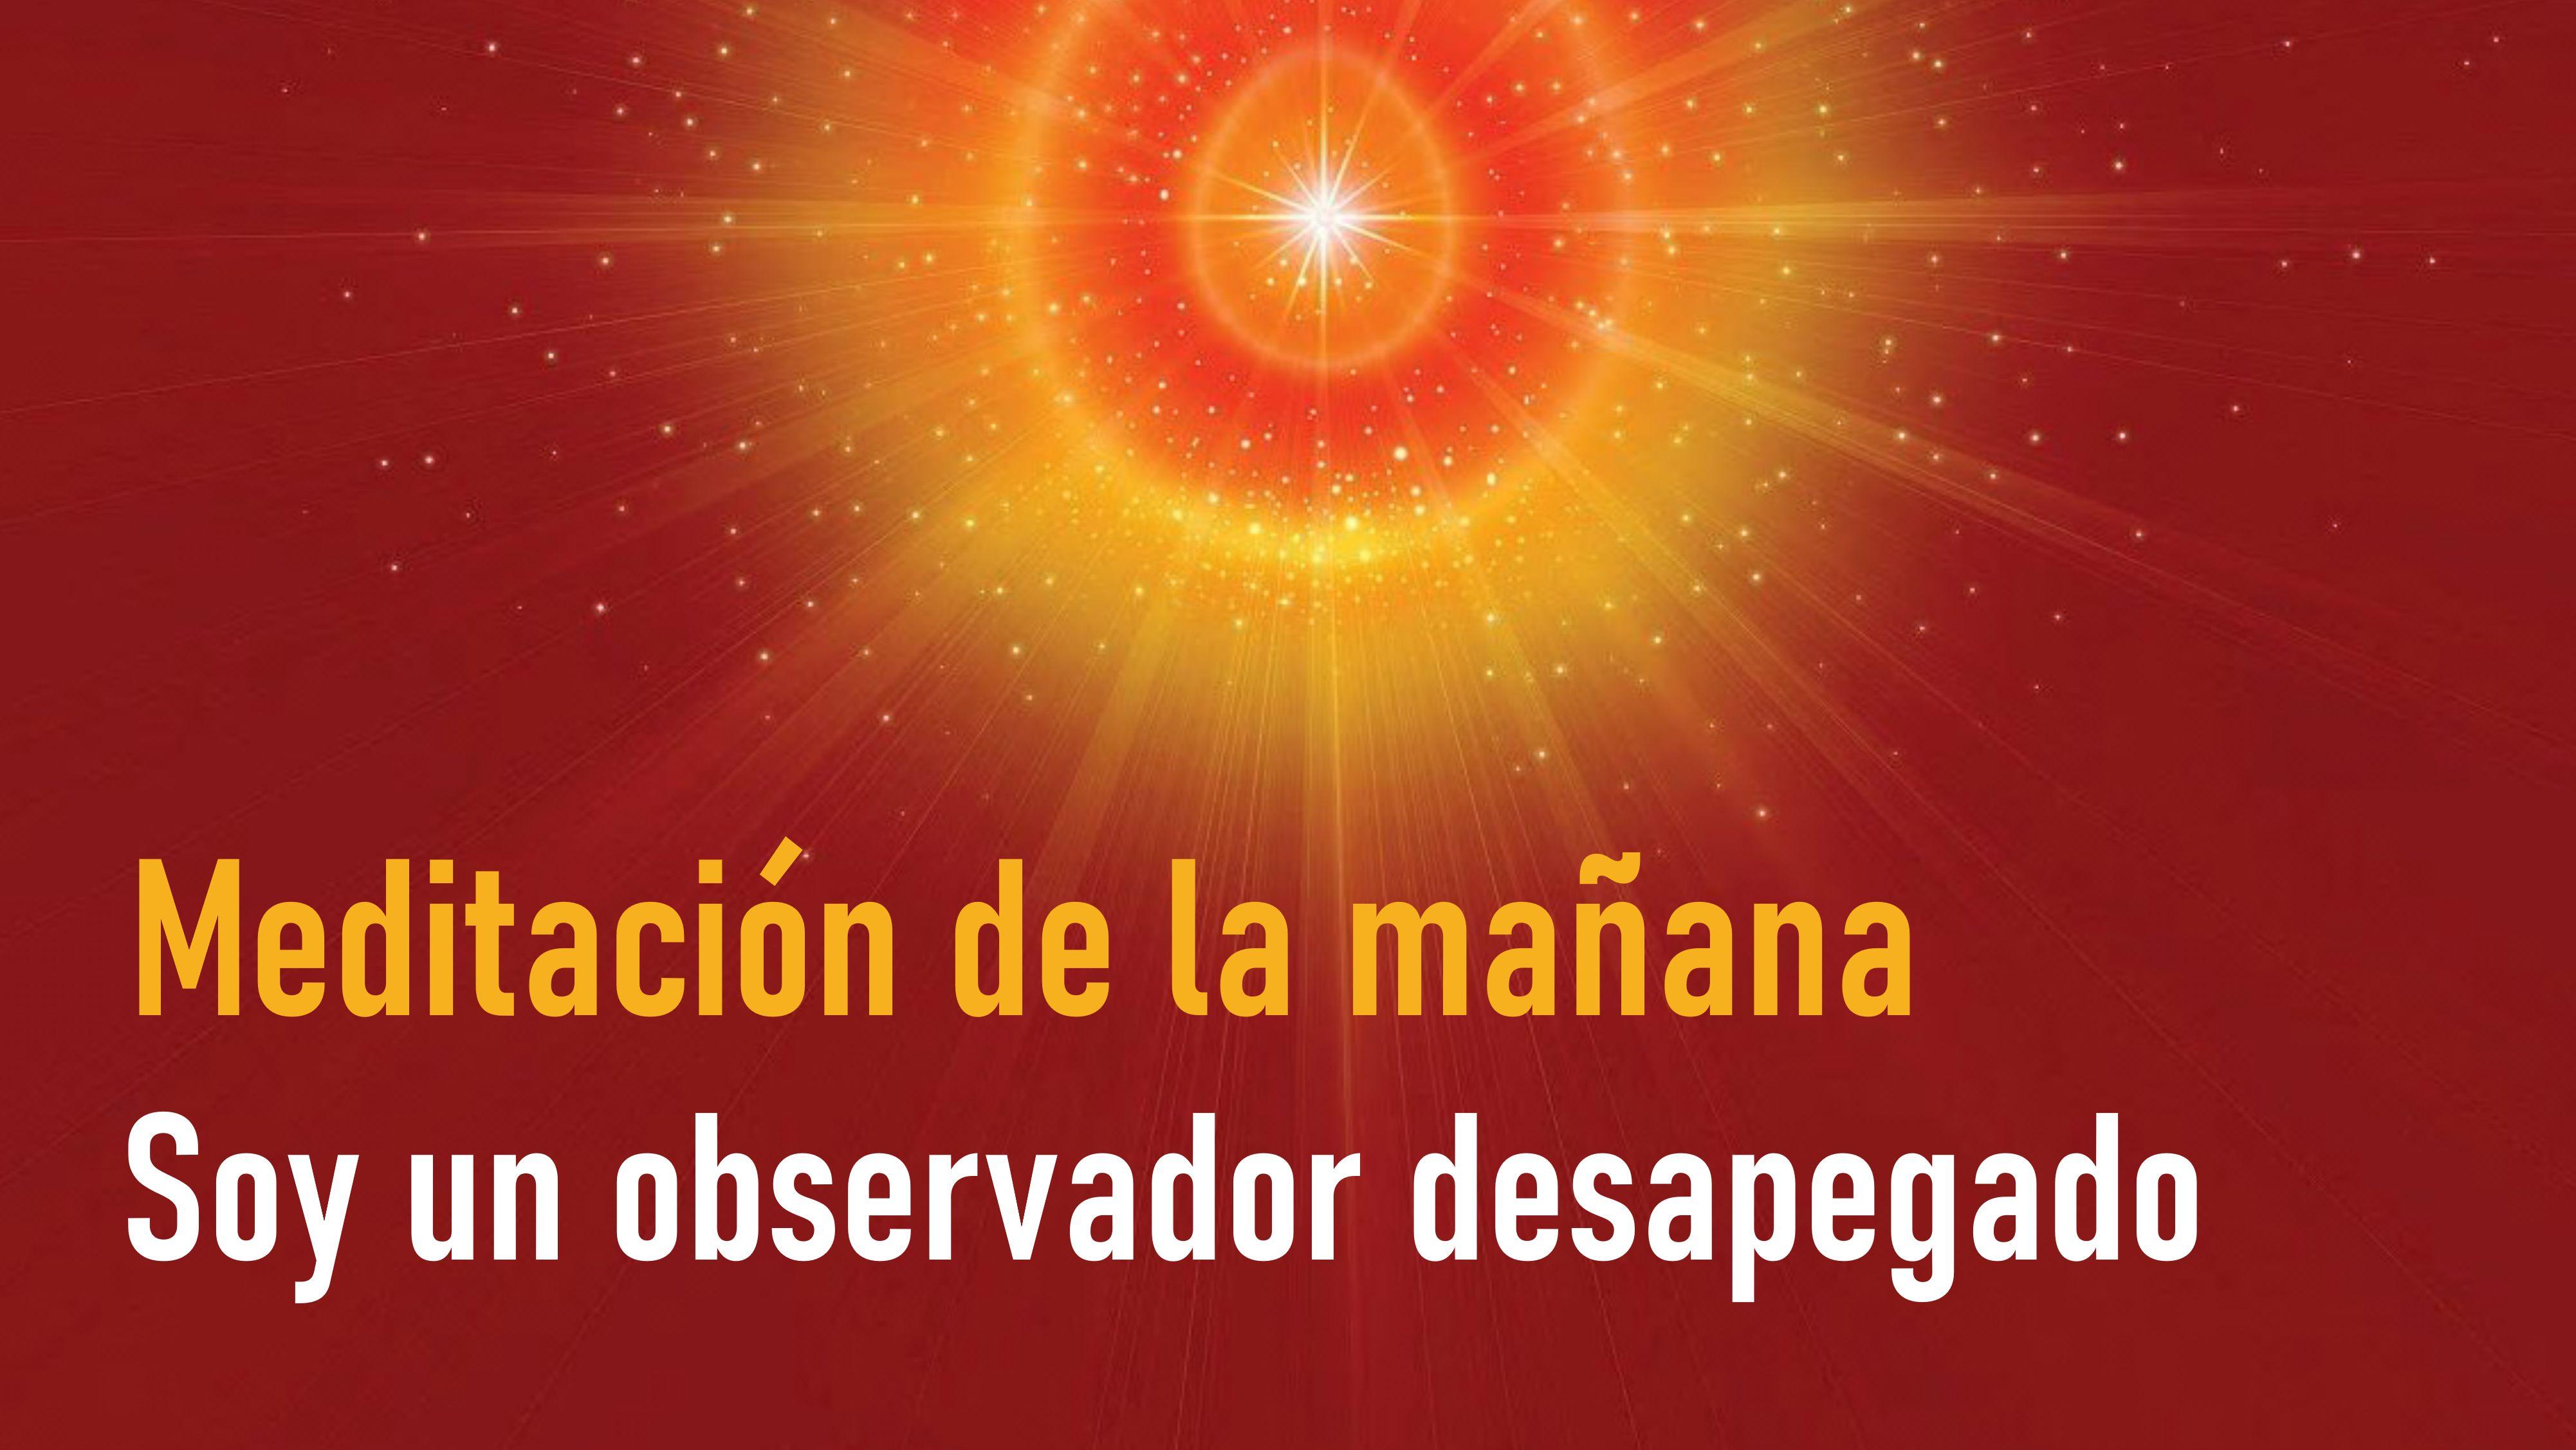 Meditación de la mañana: Soy un observador desapegado (21 Julio 2020)